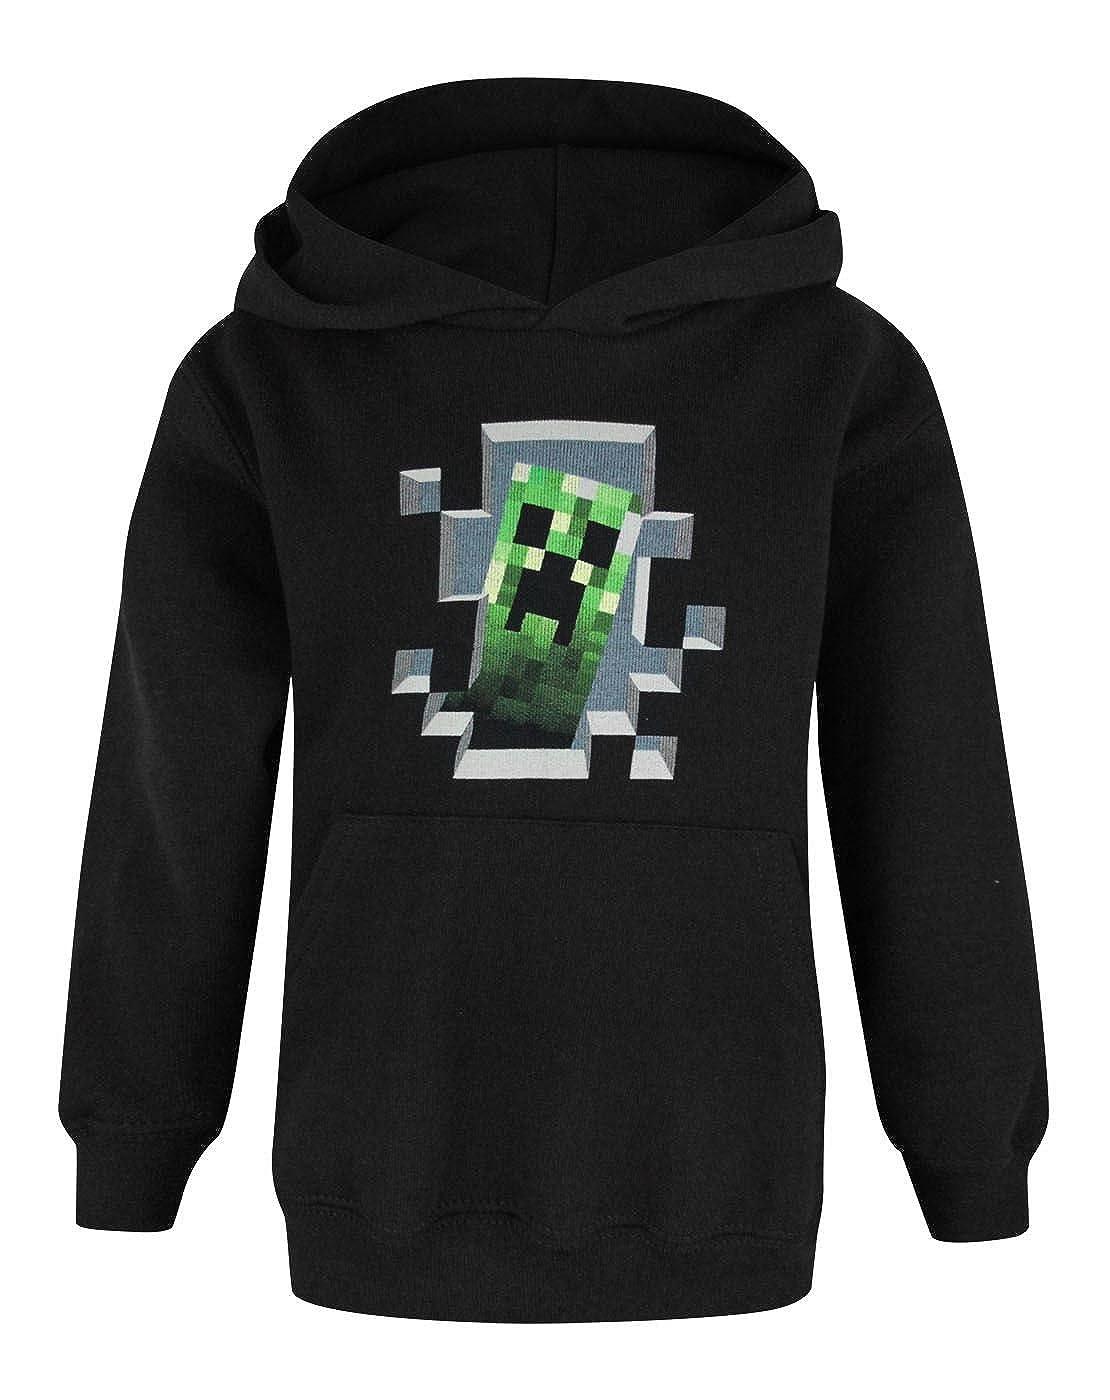 Minecraft -  Canotta - Cappuccio - Maniche lunghe - ragazzo nero